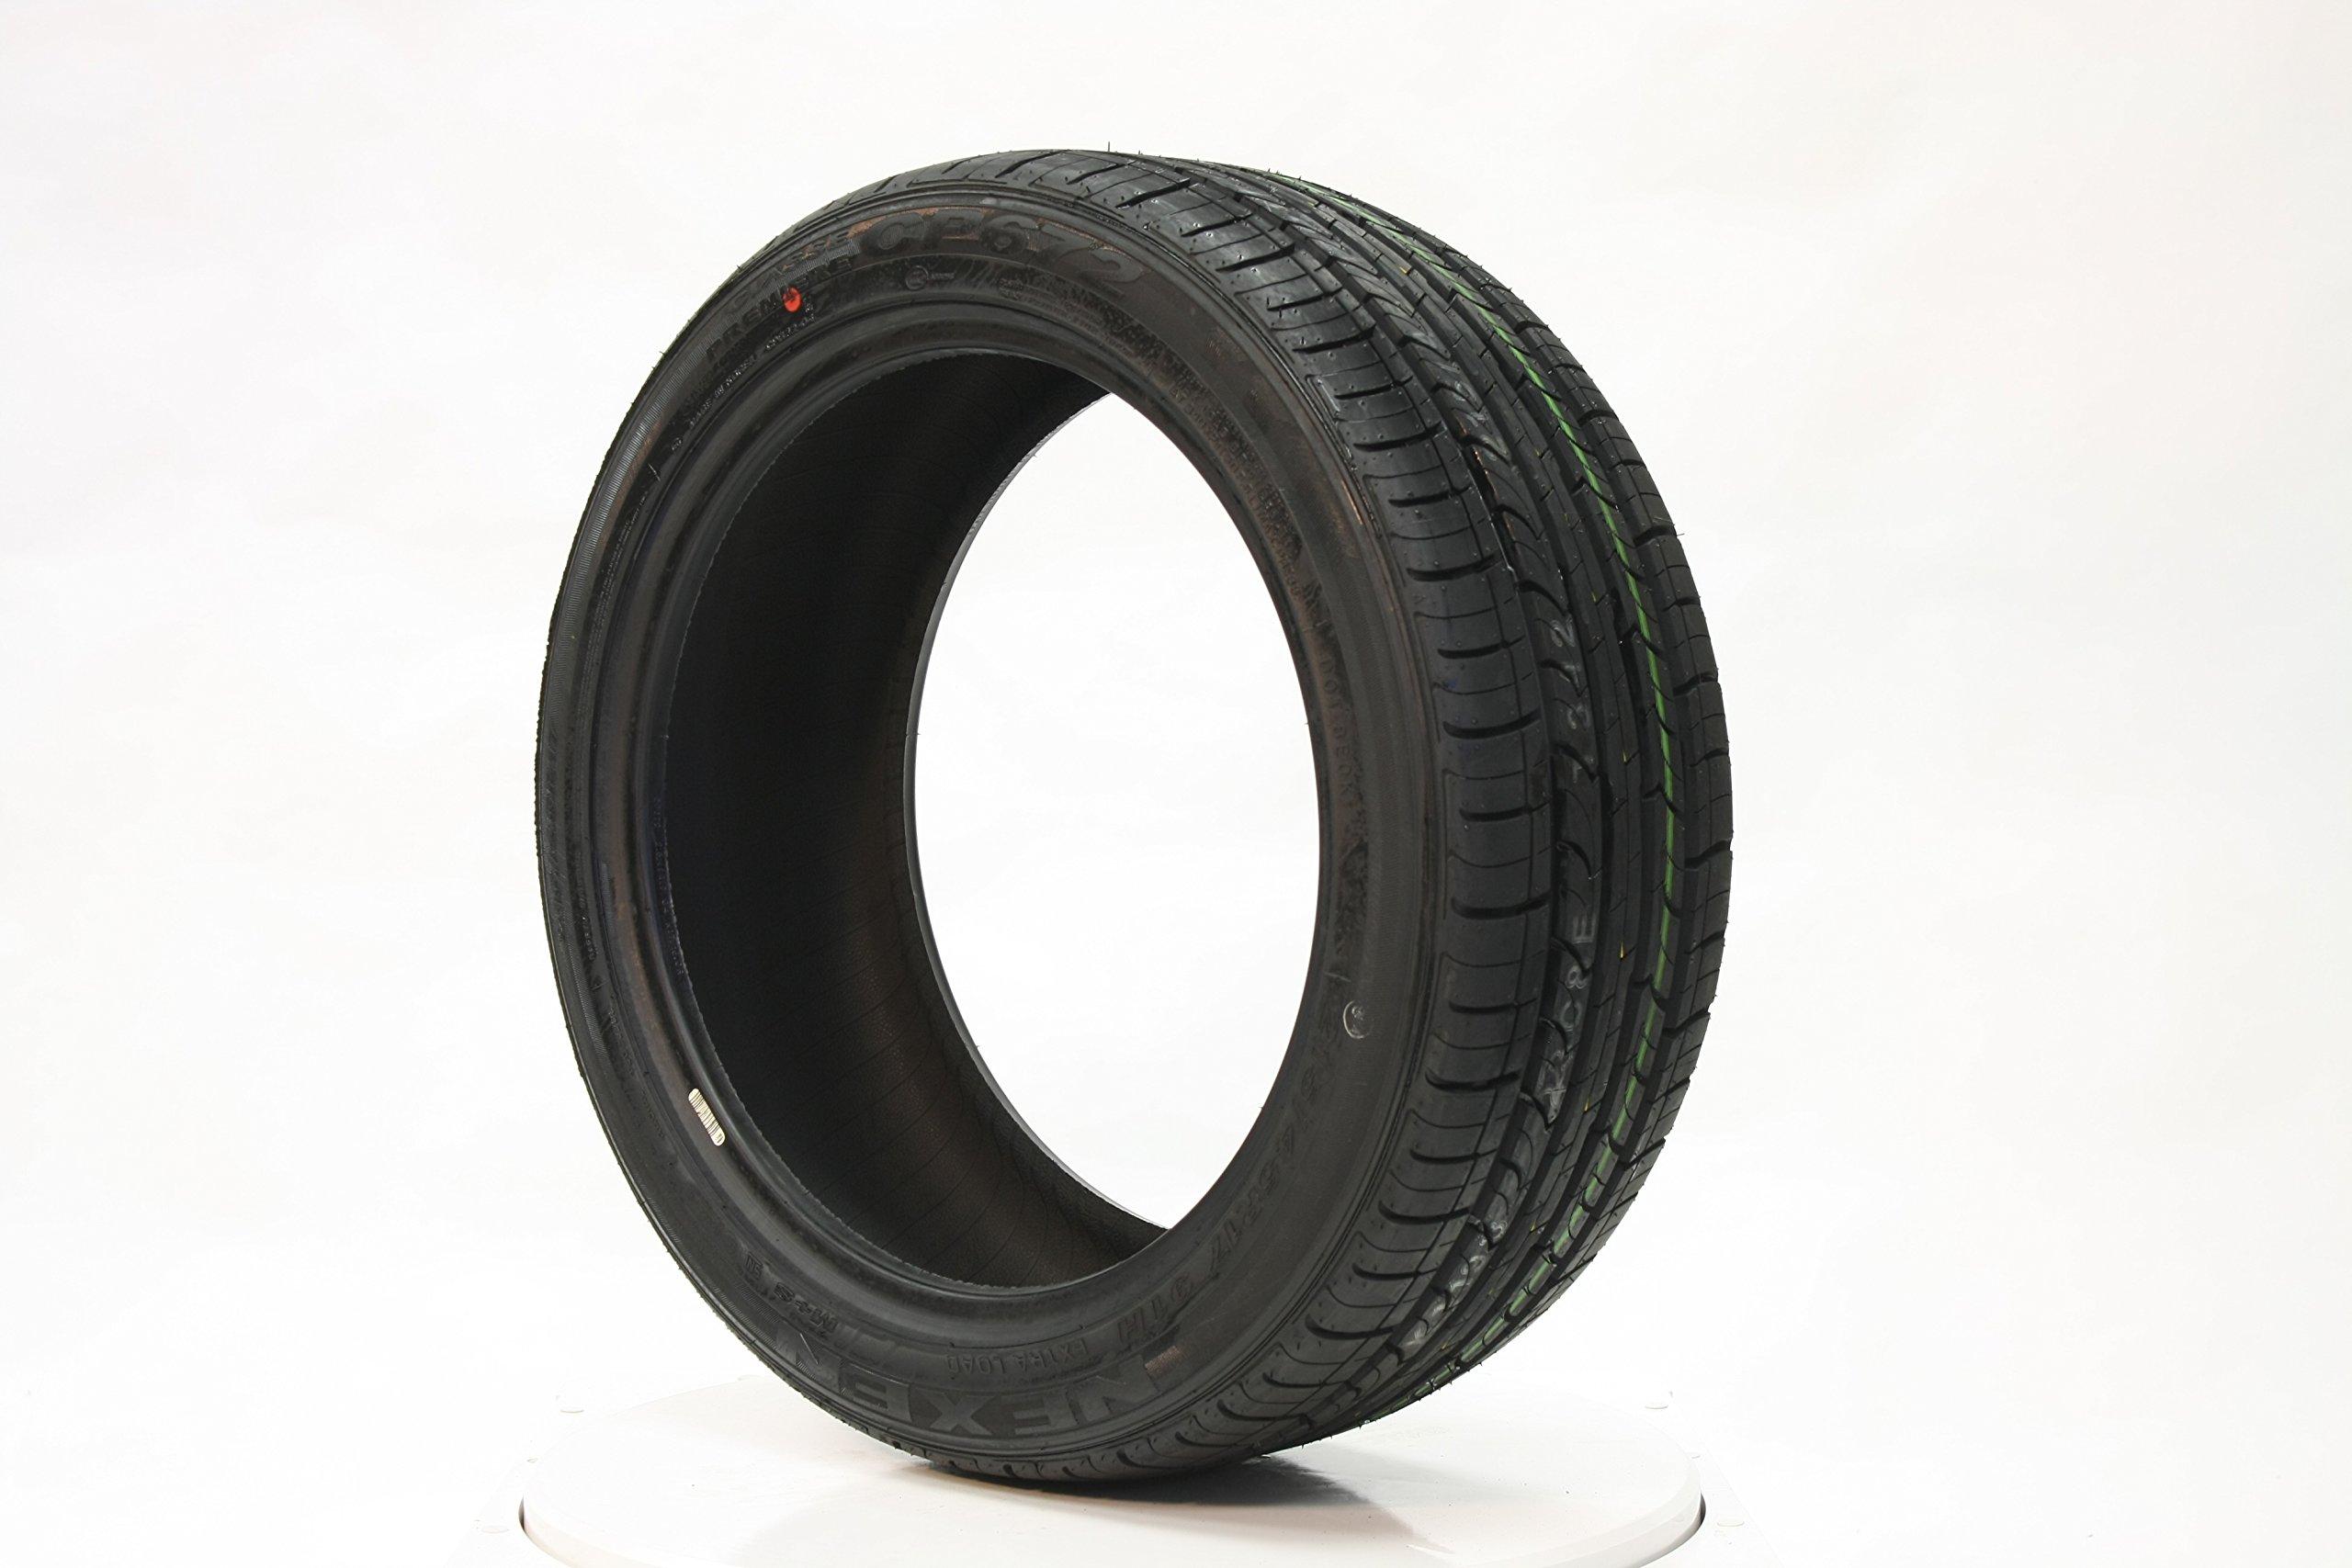 Nexen CP672 Touring Radial Tire - 215/45R18 93H by Nexen (Image #1)